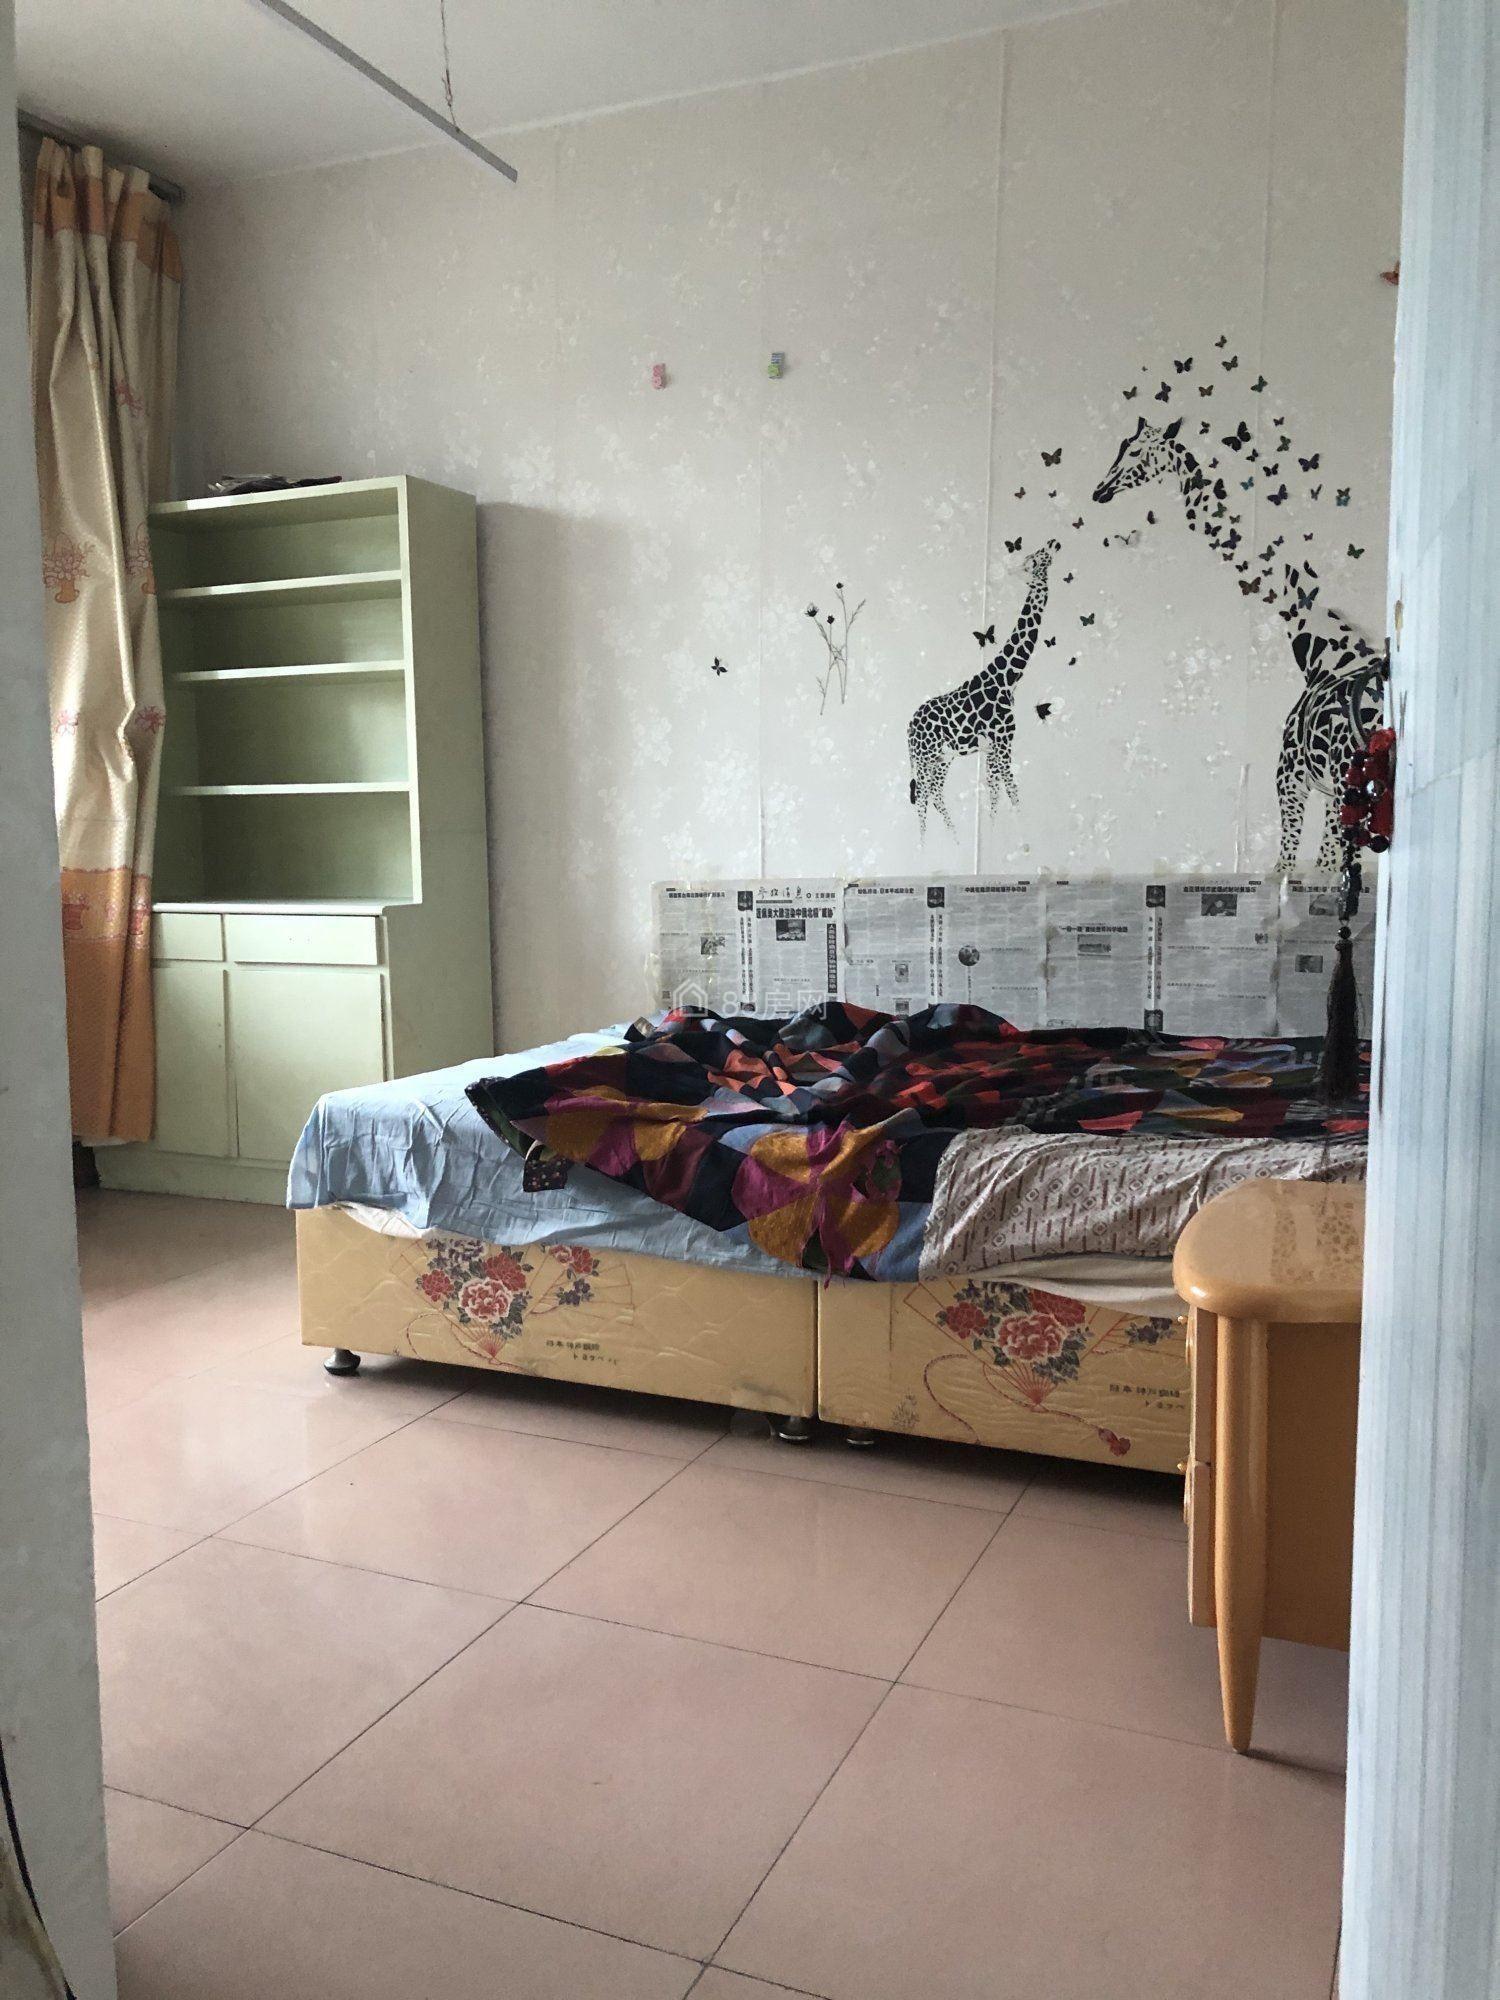 凤鸣 市医院附近 低楼层 简装三室 可洗澡做饭 拎包入住